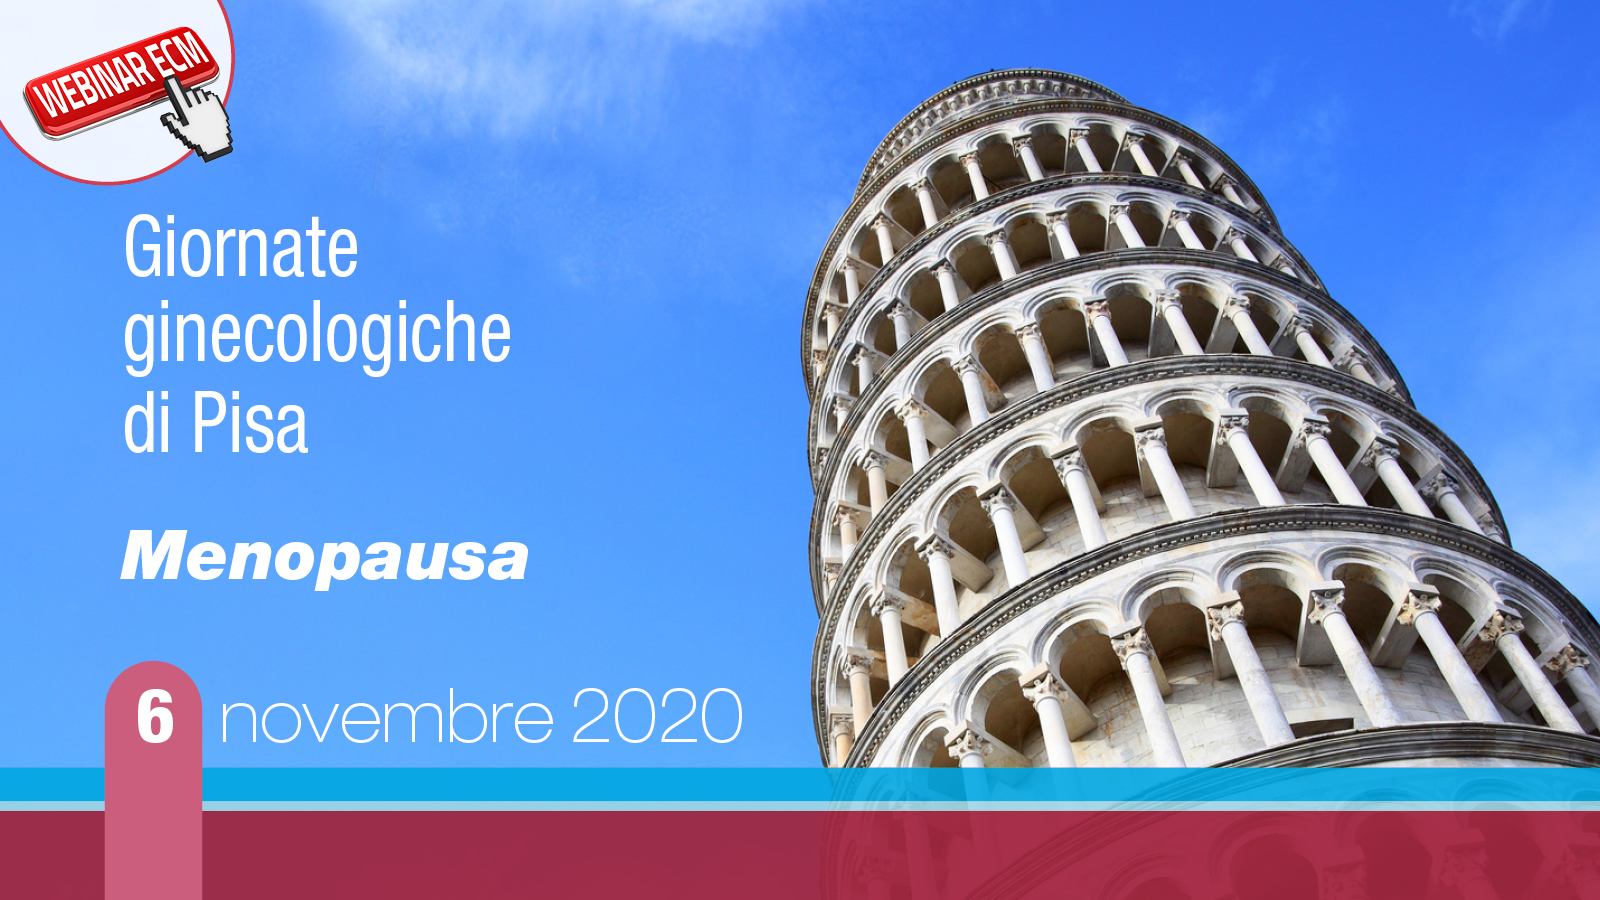 """14° Giornata ginecologica di Pisa """"Menopausa"""""""